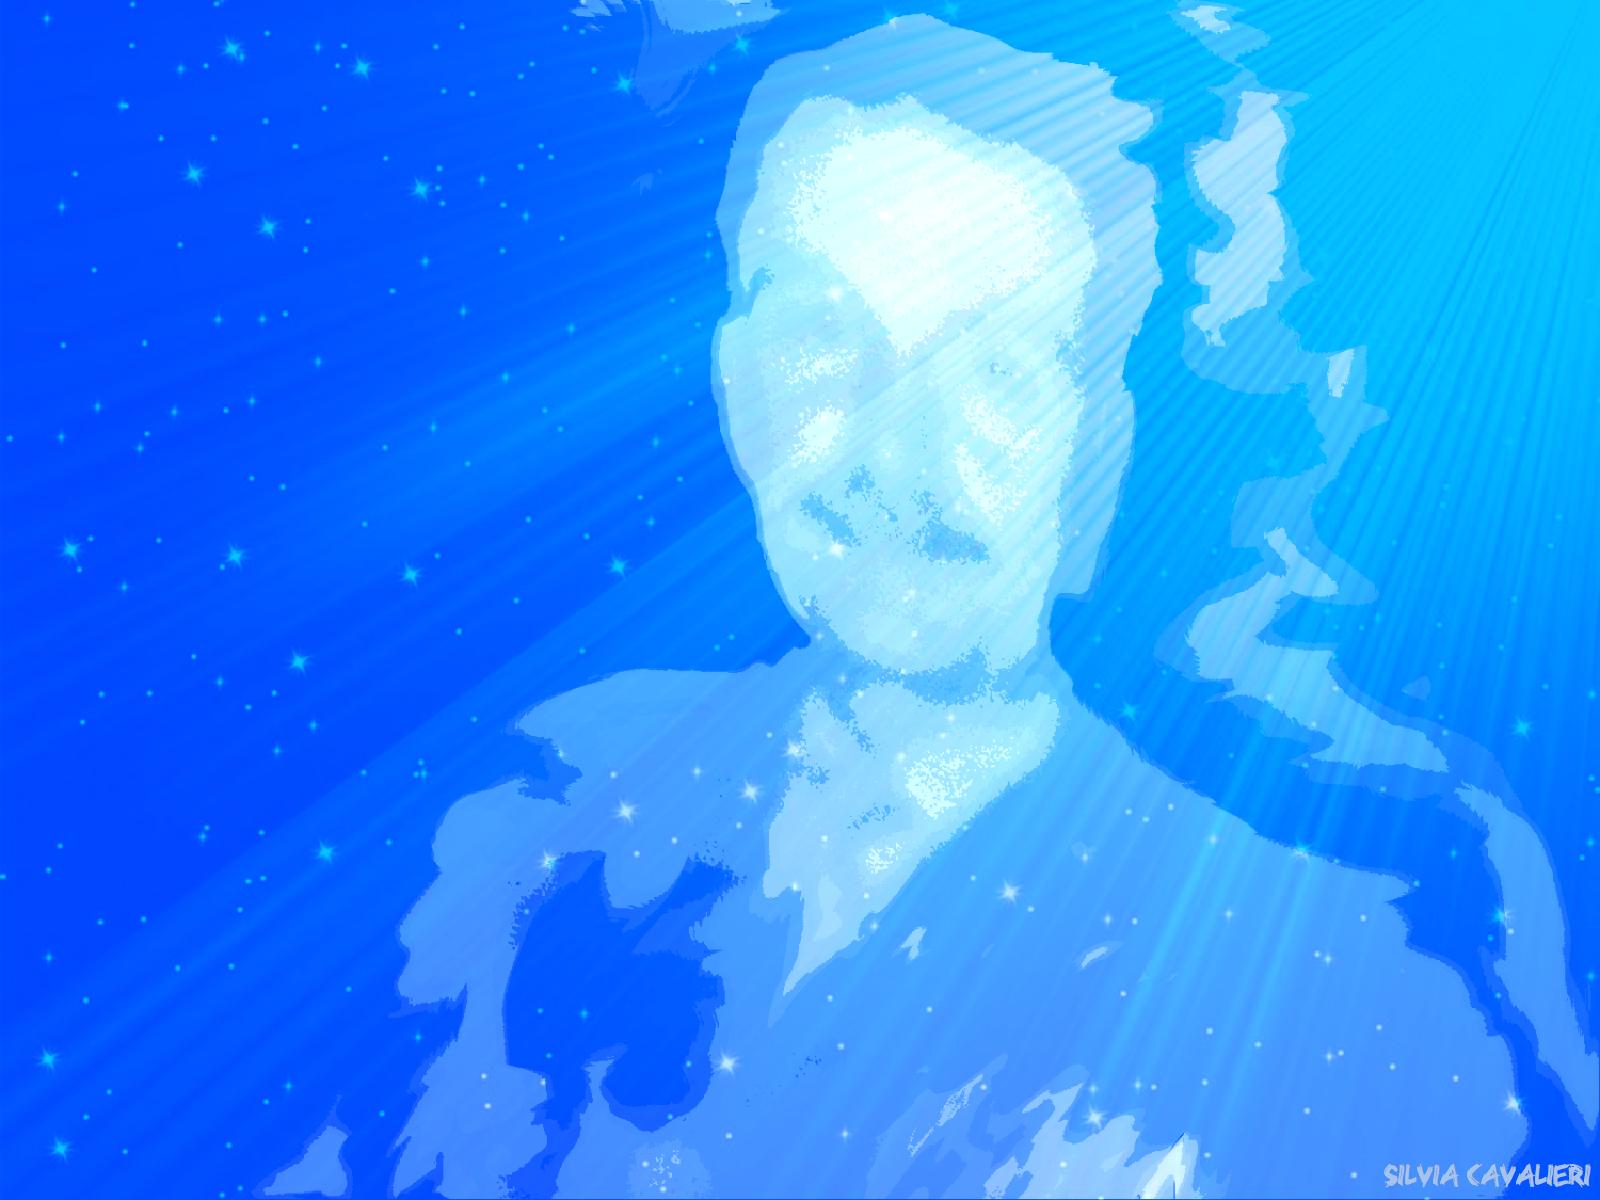 Giorgiasma ciano e stelle